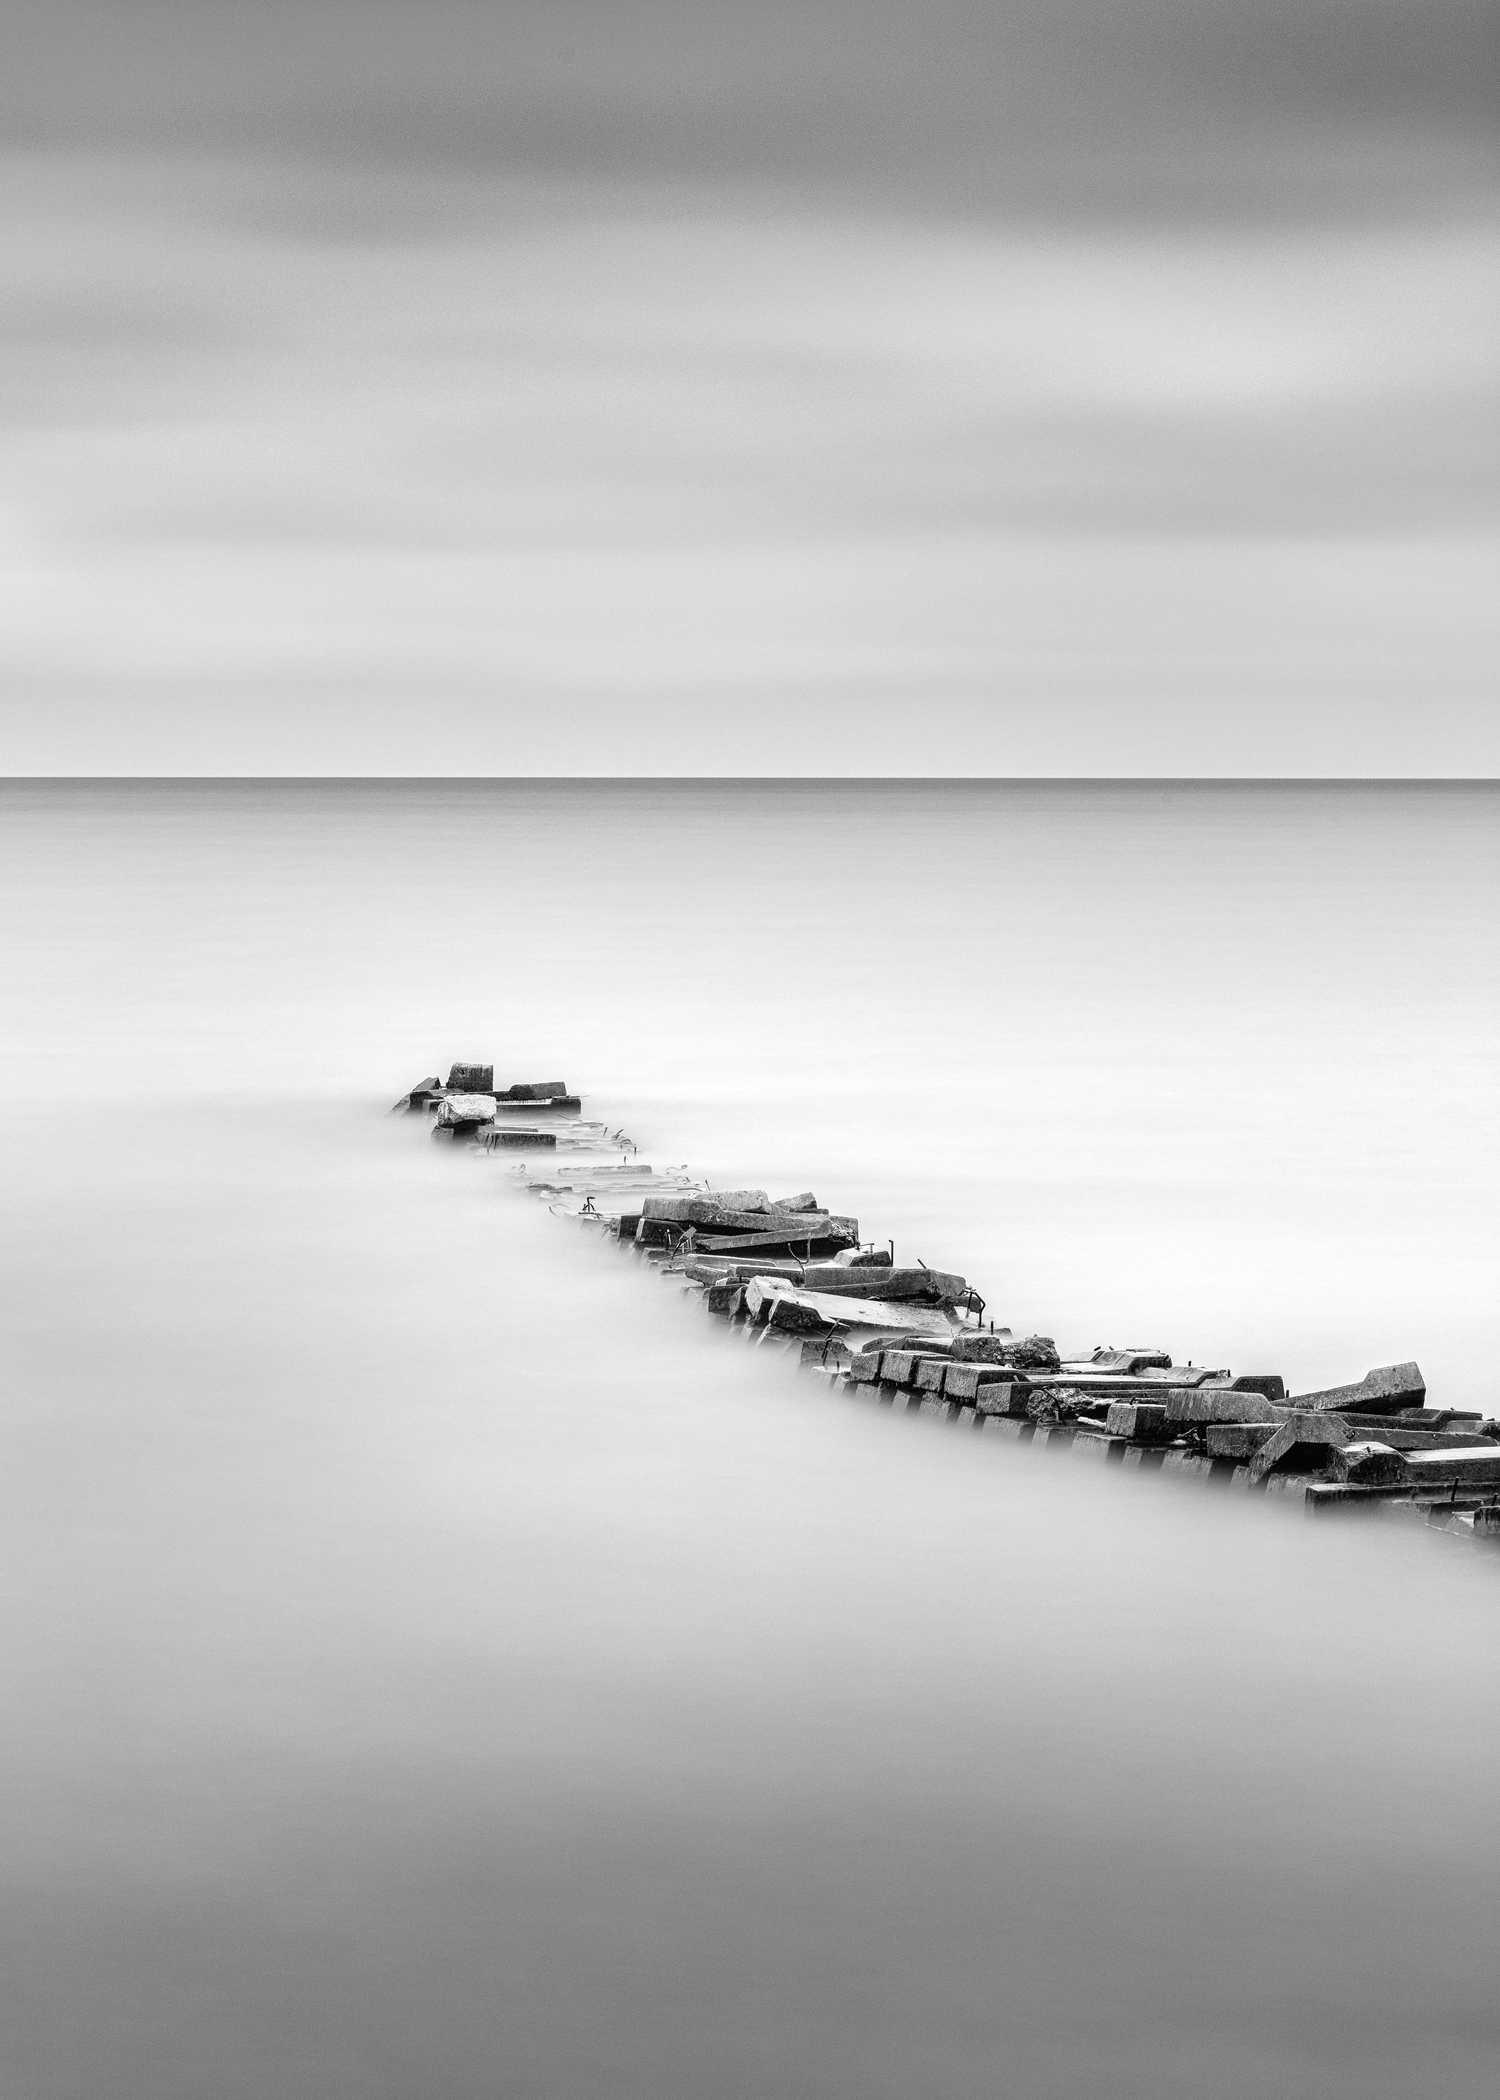 Fotografía en blanco y negro de paisaje minimalista y larga exposición